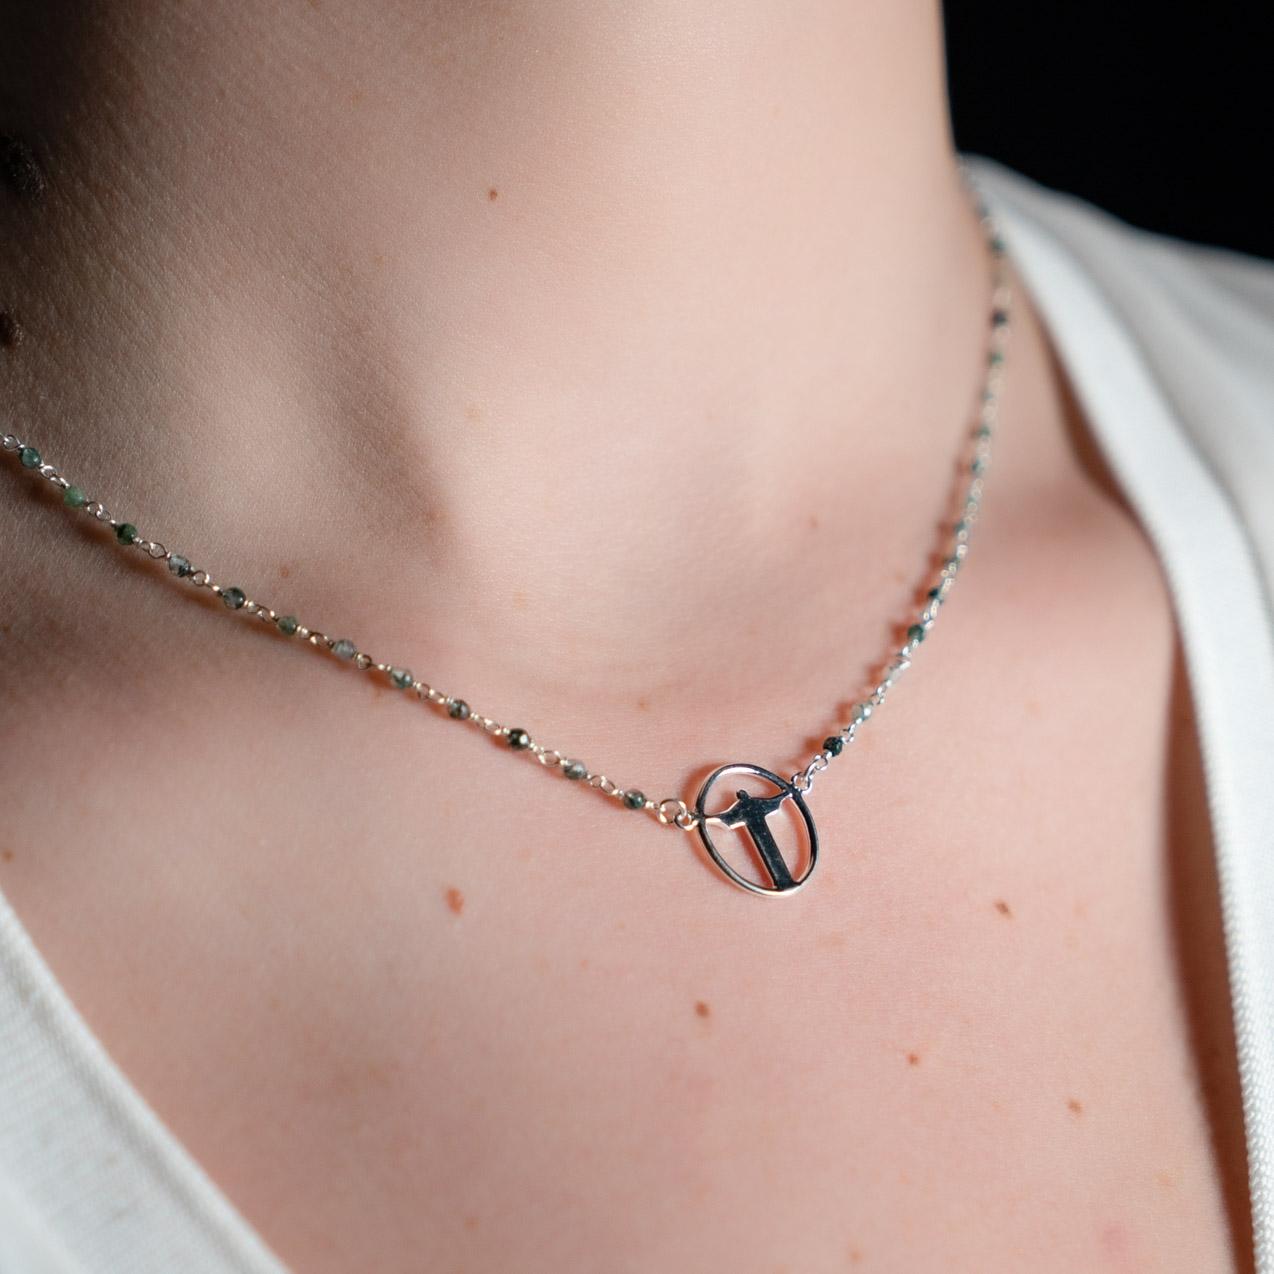 Coeur Envie - collier Corcovado cercle perles - bijoux